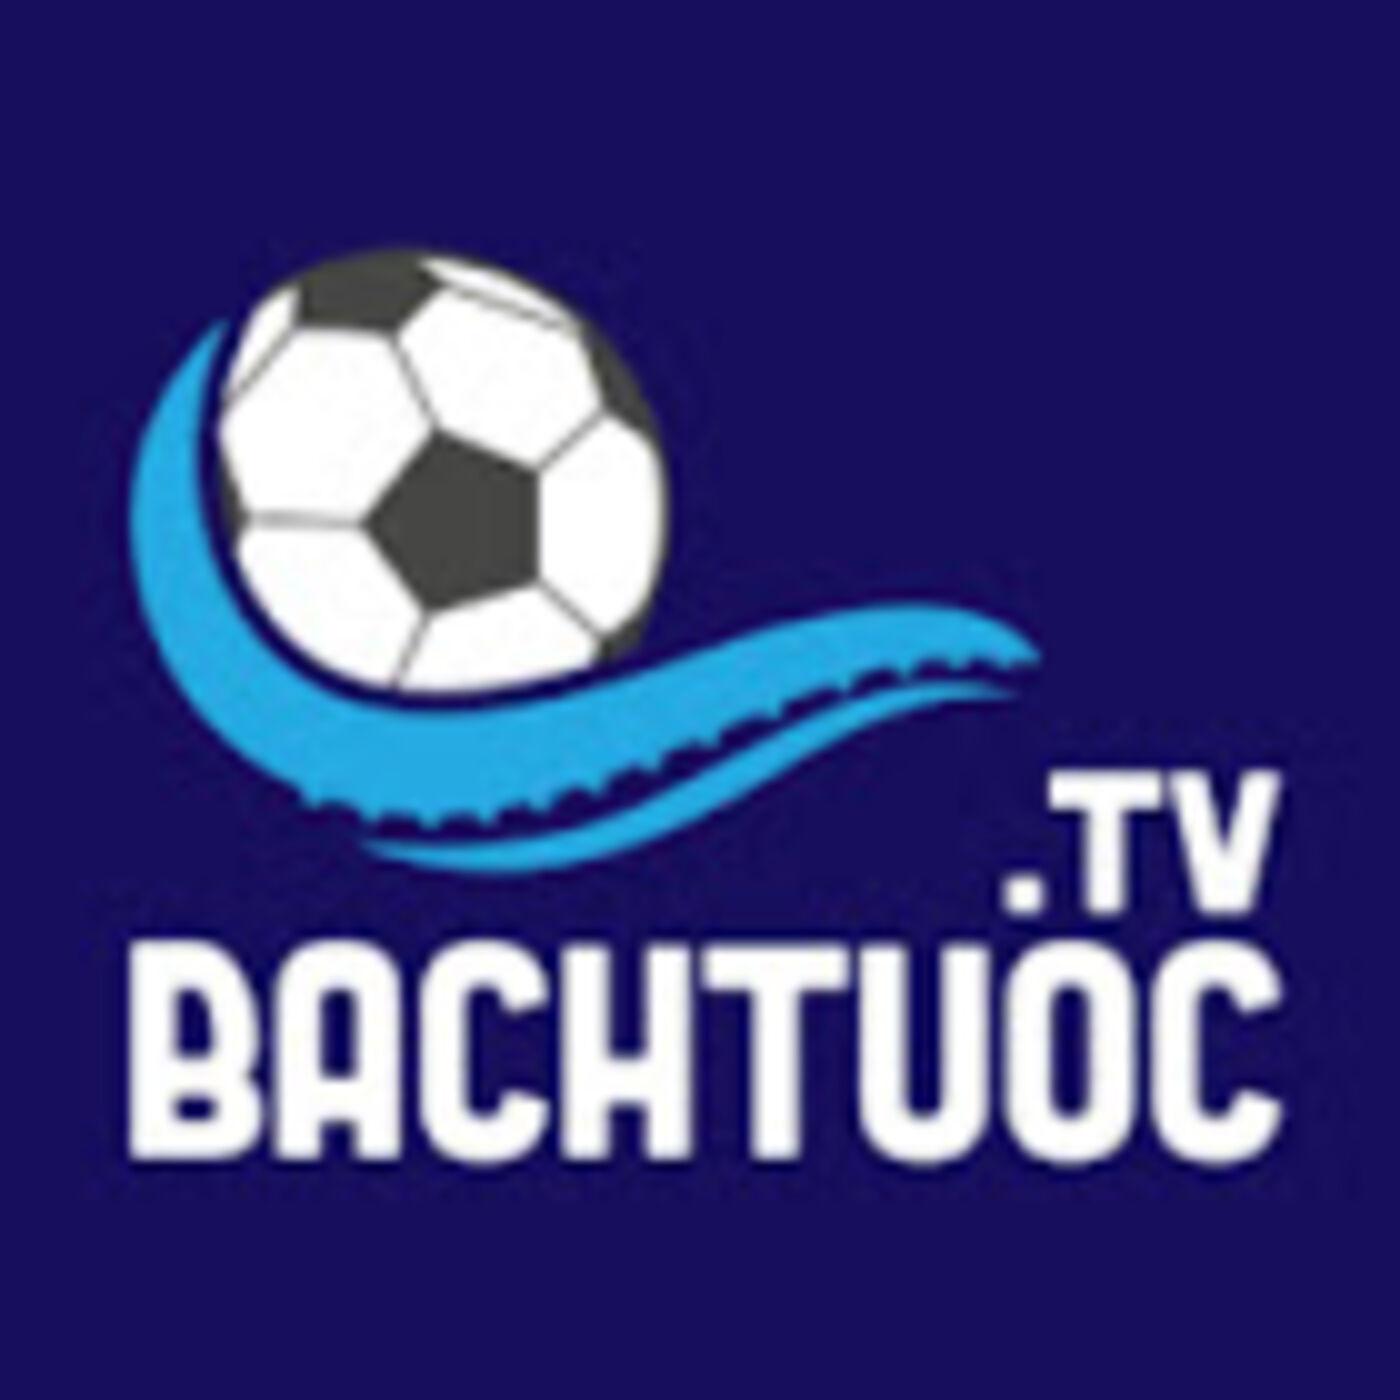 Bachtuoc TV - Trang Web Xem Truc Tiep Bong Da Mien Phi